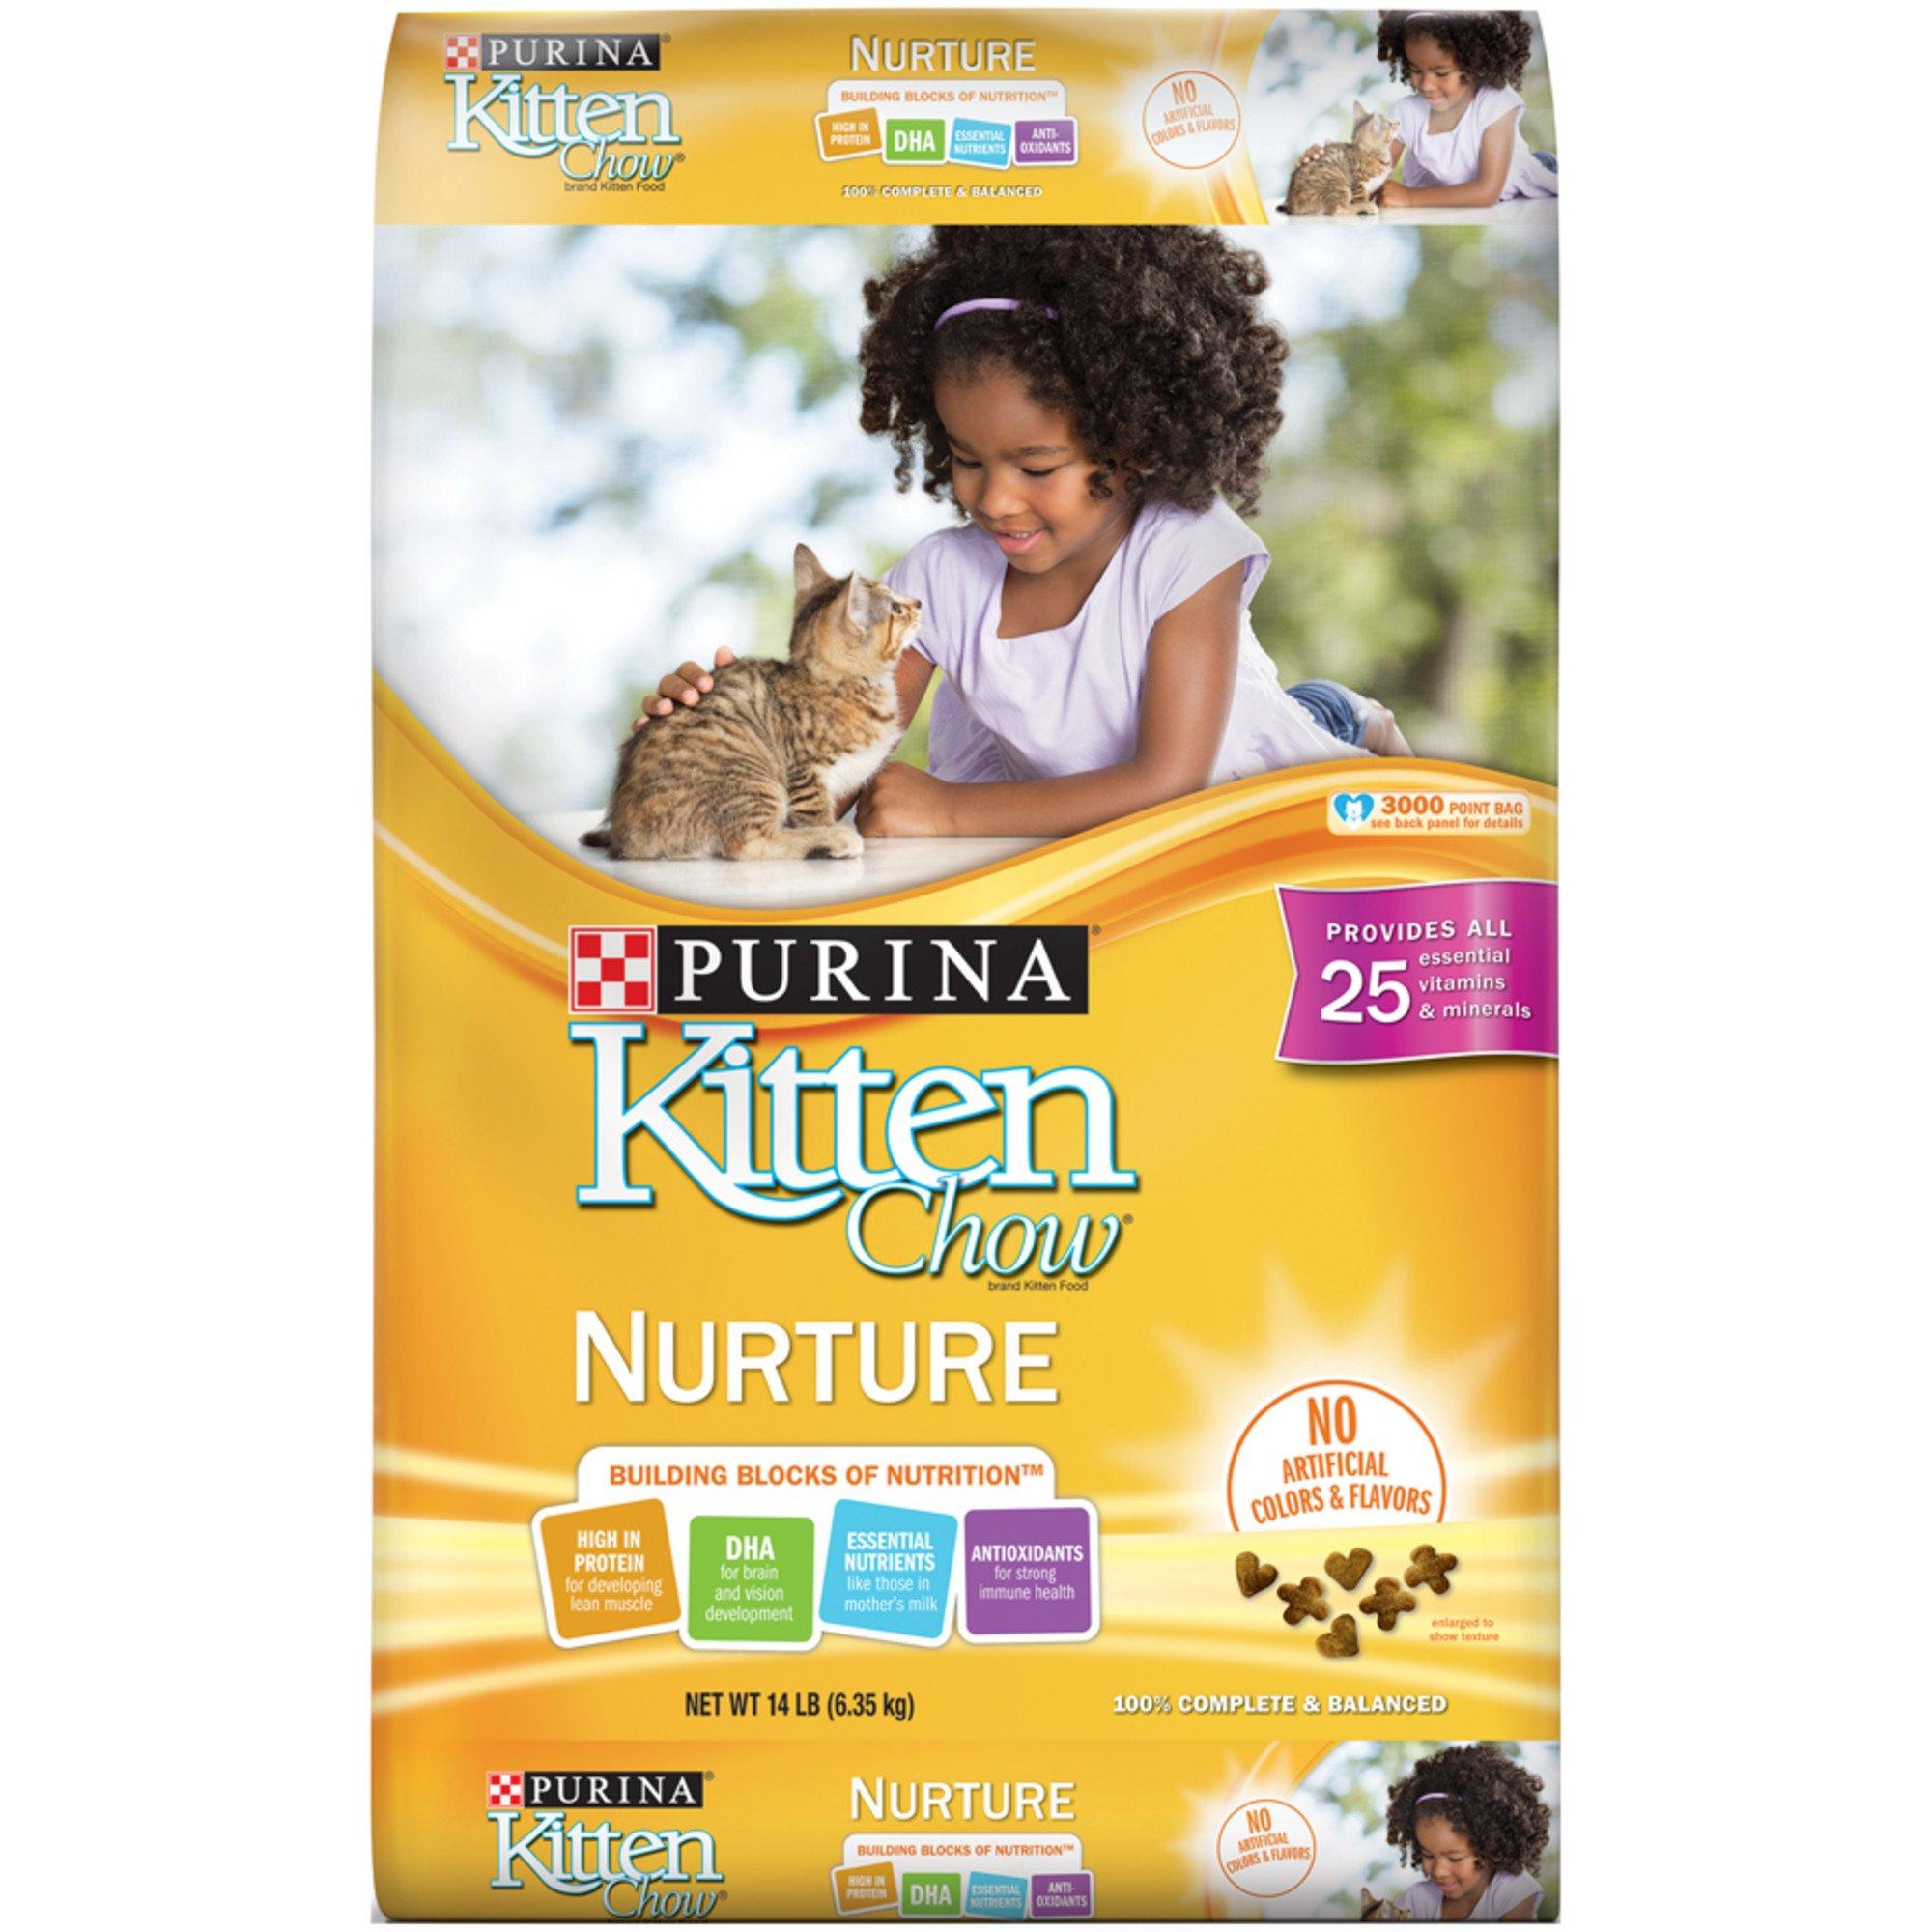 purina kitten chow nurture formula kitten food  14 lbs